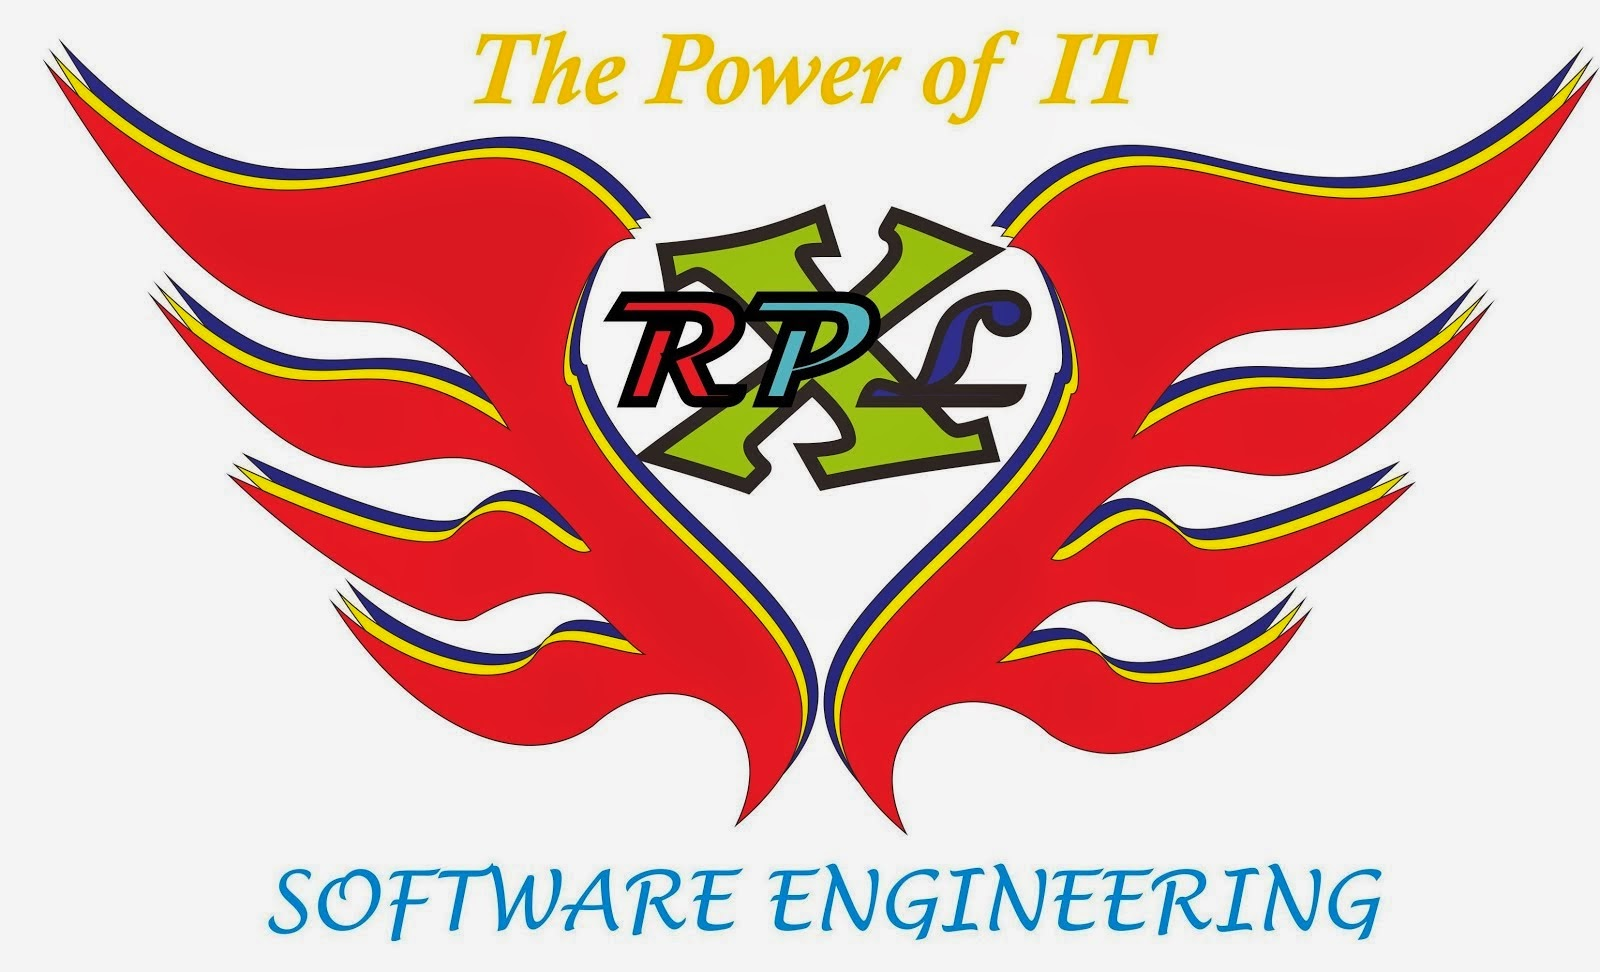 Gudang Rpl Software Engineering